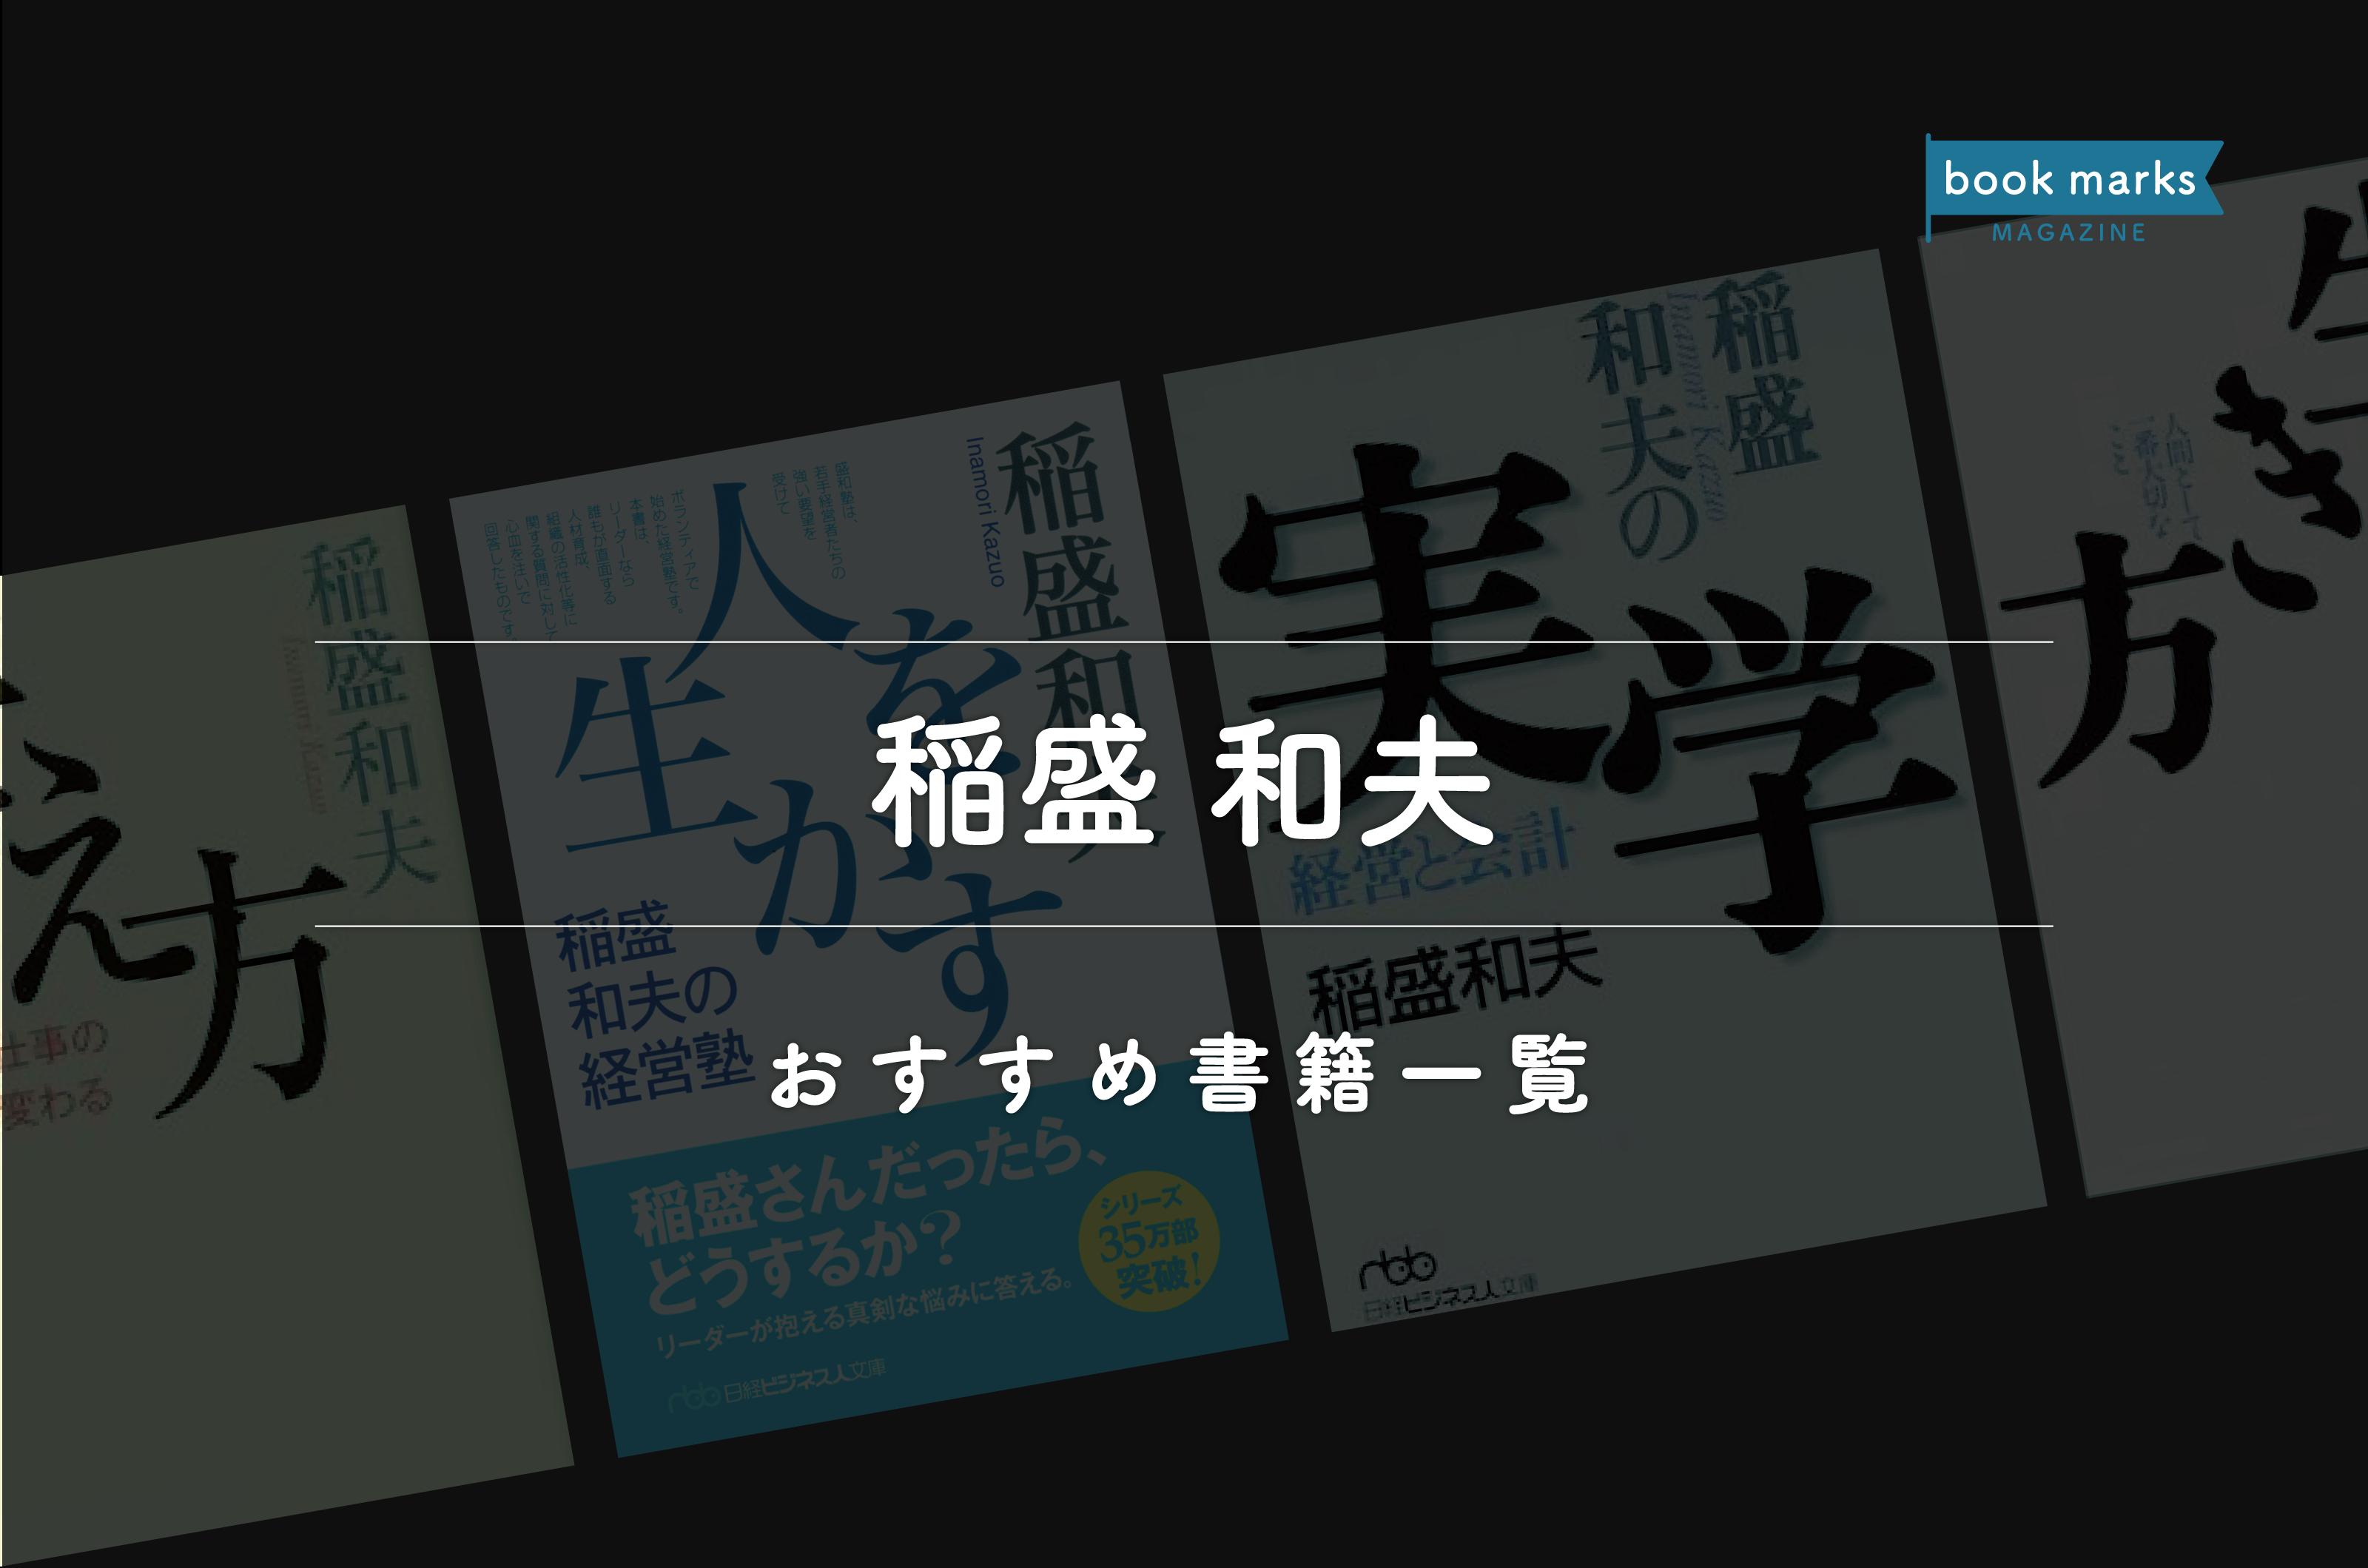 「稲盛和夫氏のおすすめ書籍一覧」のアイキャッチ画像